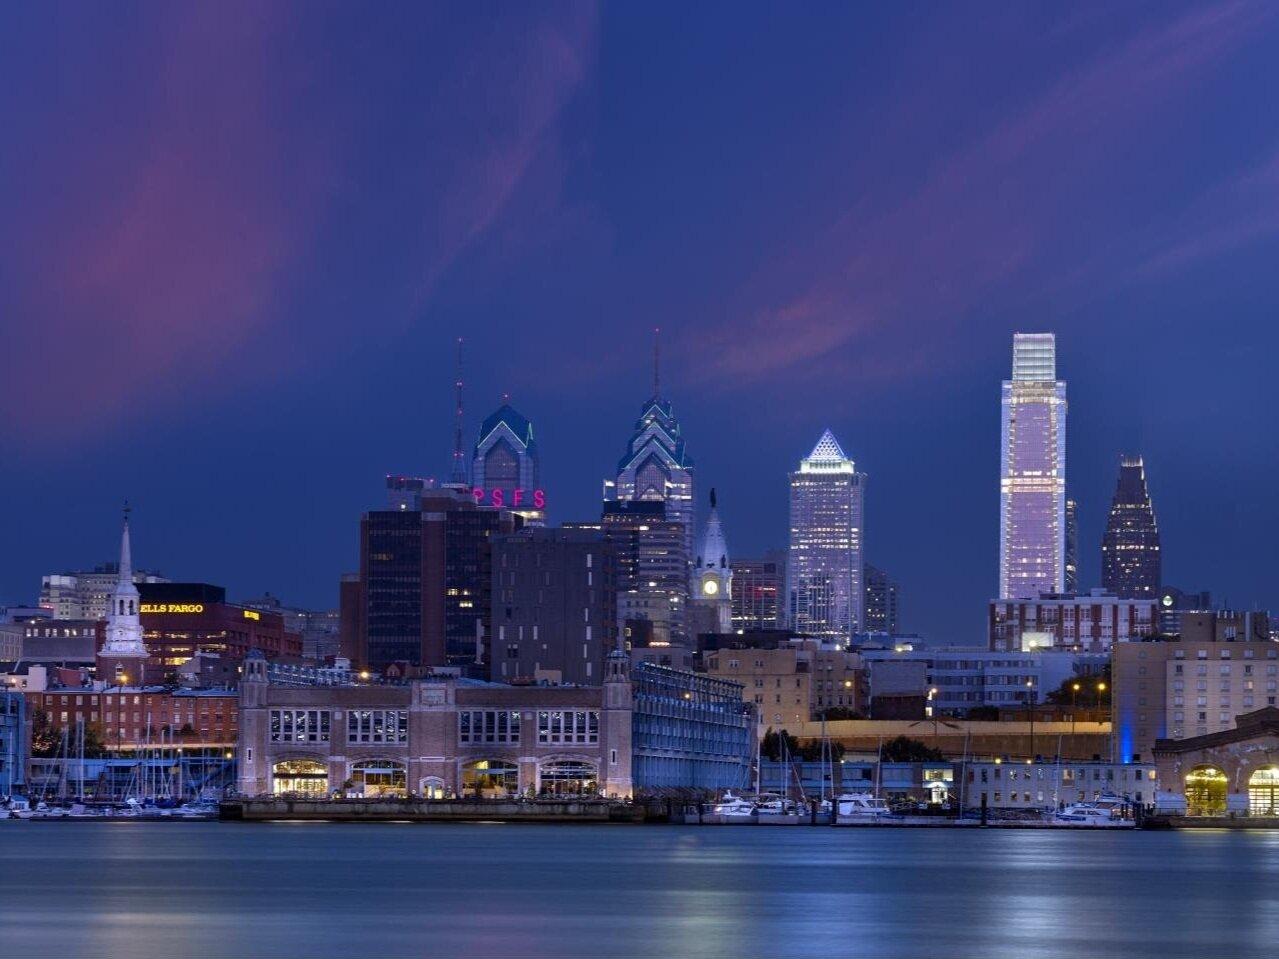 Historic Philadelphia Waterfront